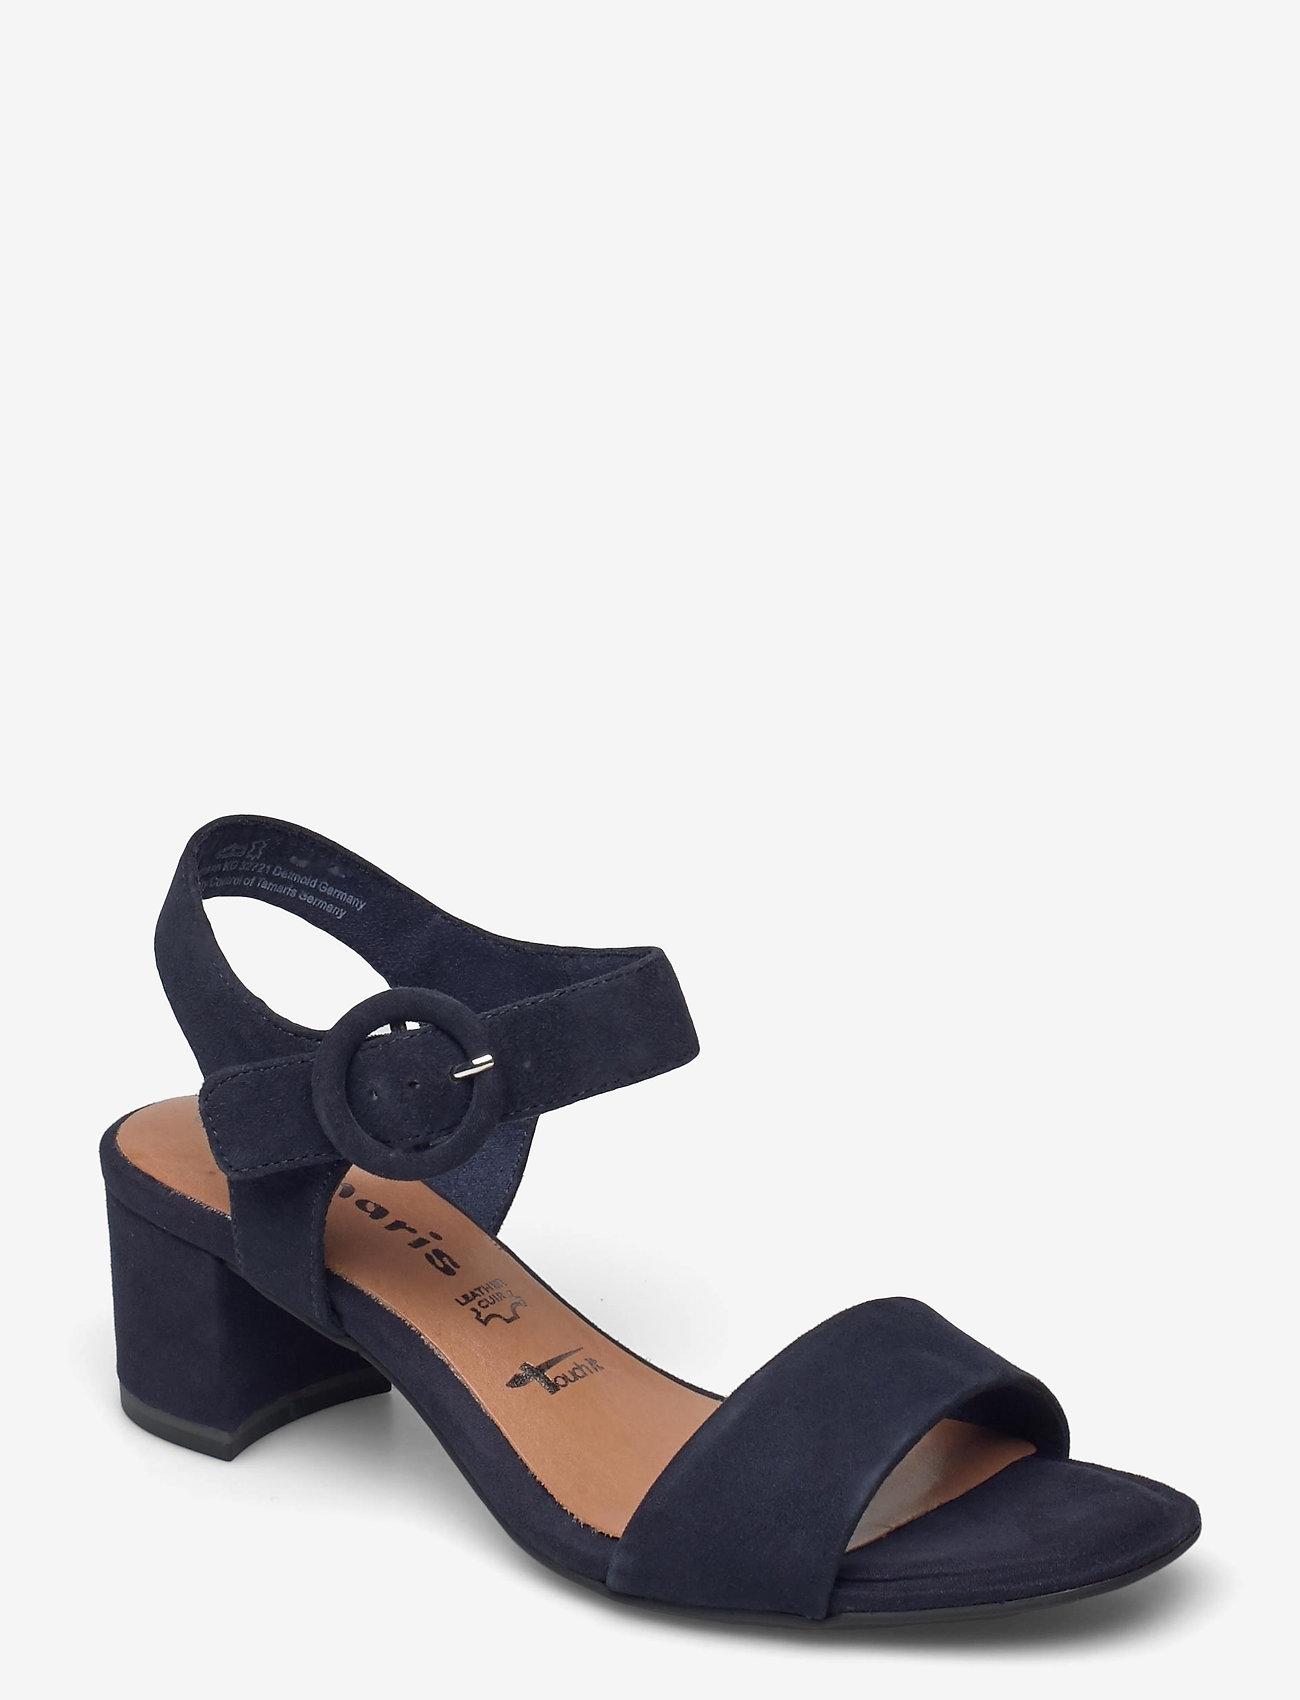 Tamaris - Woms Sandals - augstpapēžu sandales - navy suede - 0